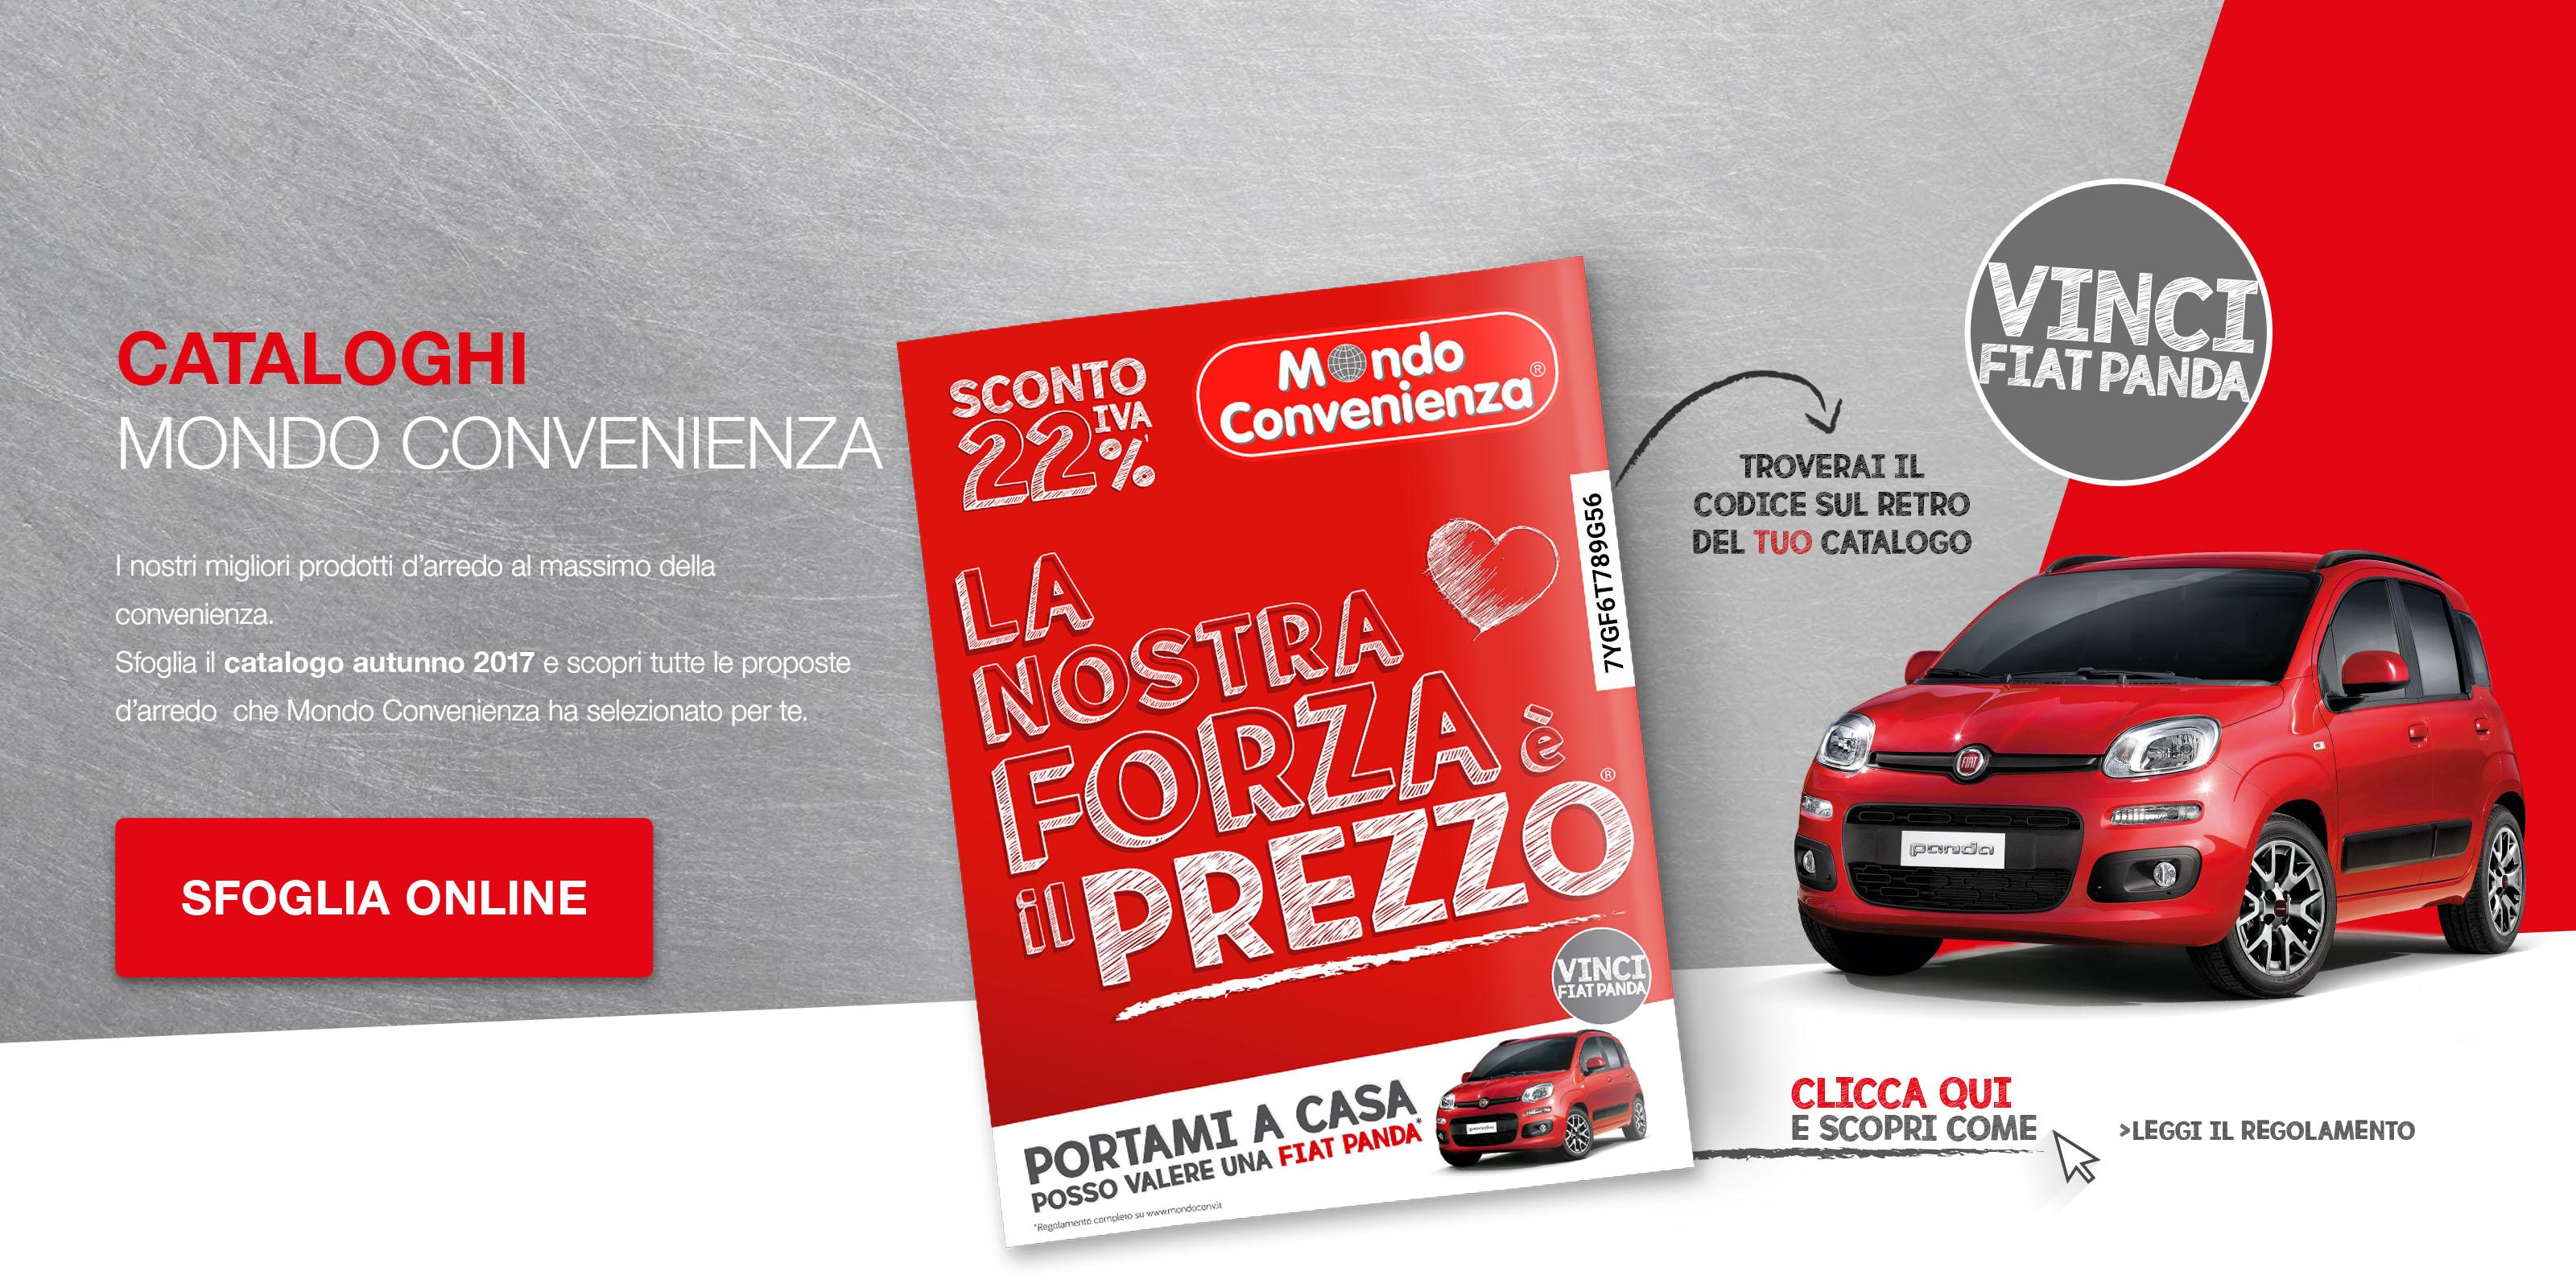 Best Mondo Convenienza Calabria Gallery - ferrorods.us - ferrorods.us